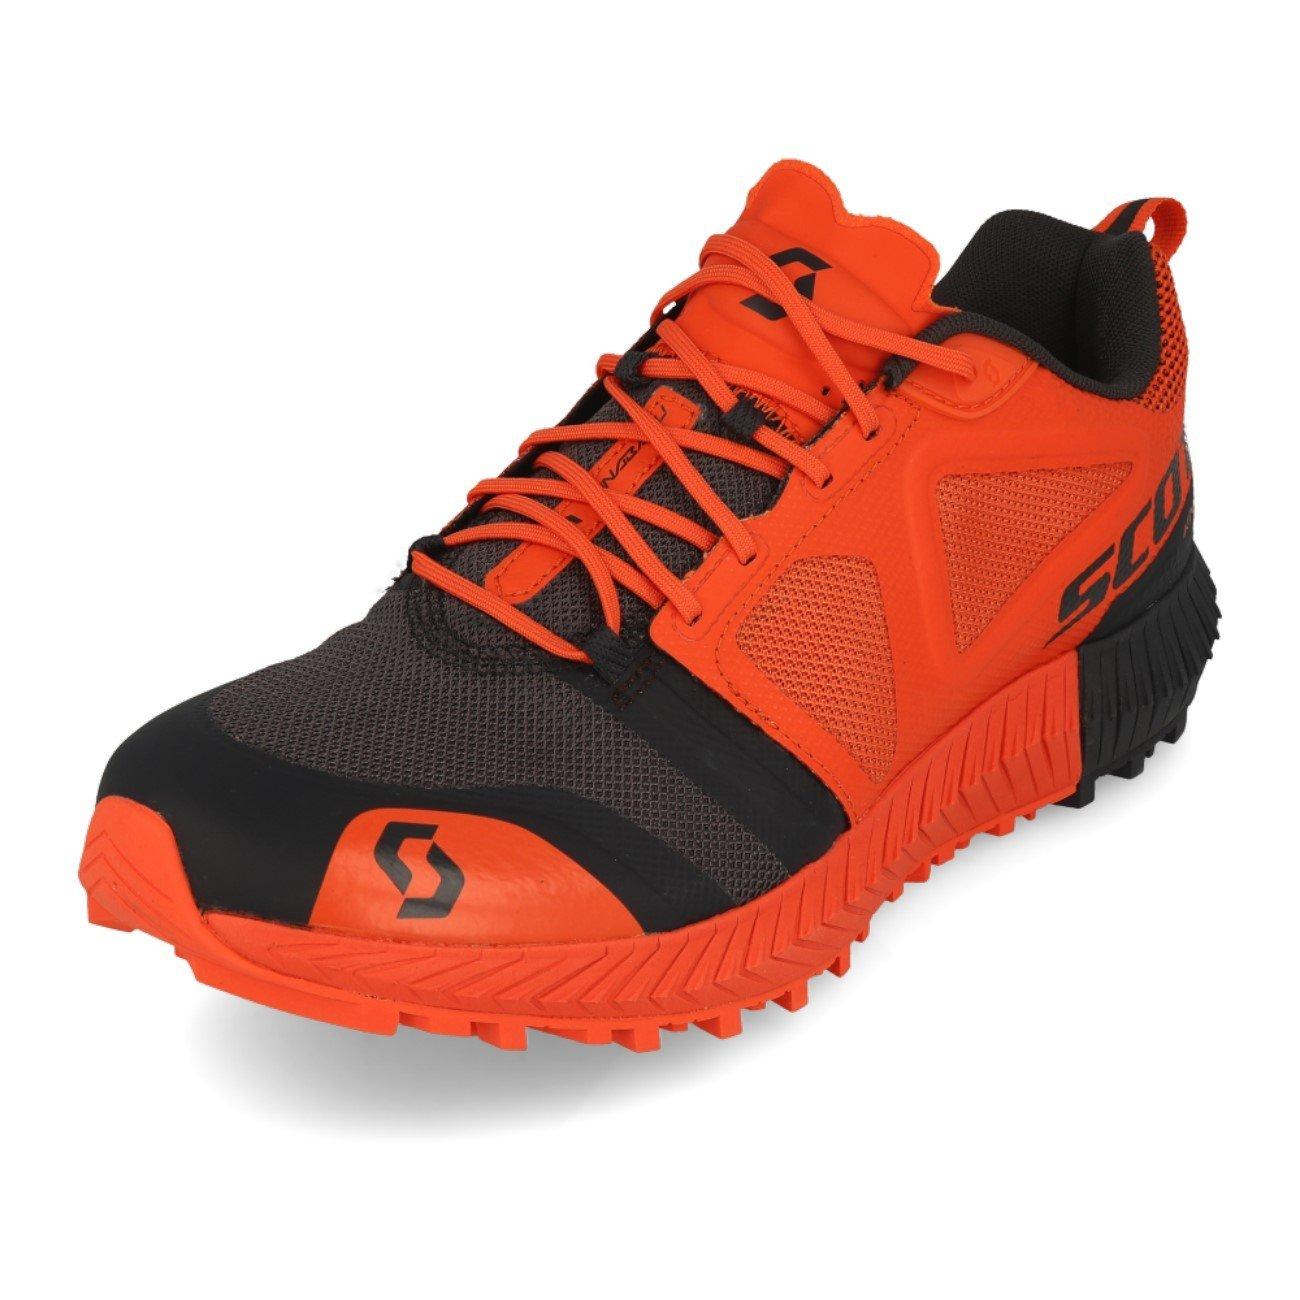 Scott Hauszapatos de Running Hombre, naranja (naranja), 42.5 EU -